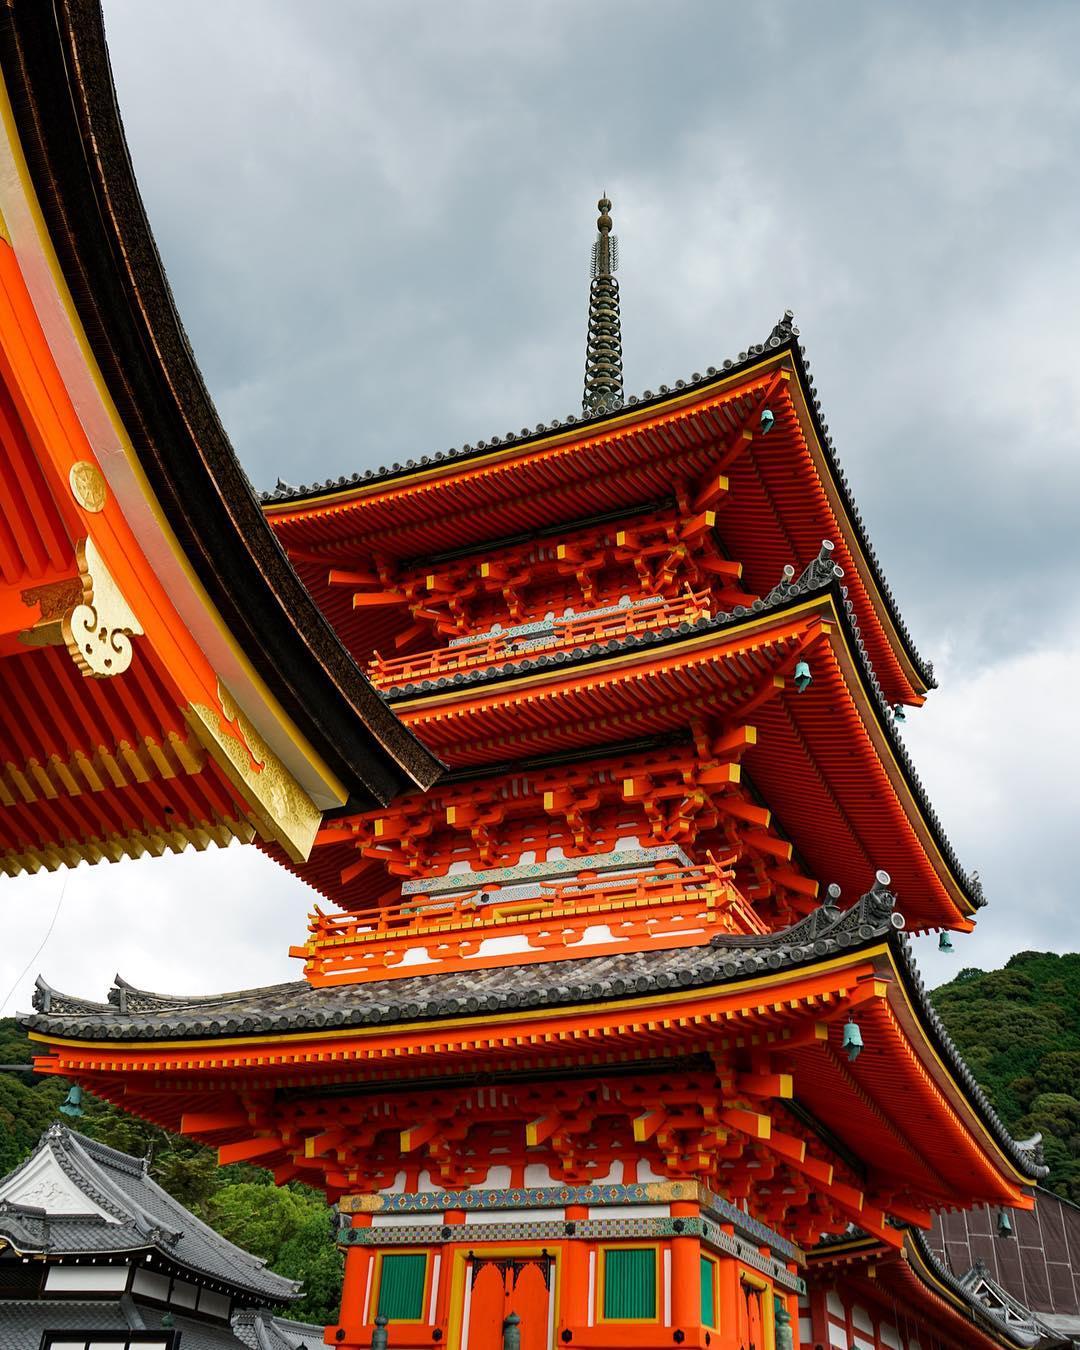 Japon_voyage_17032019-68cd66da972c4afcc732ddbf75277058-